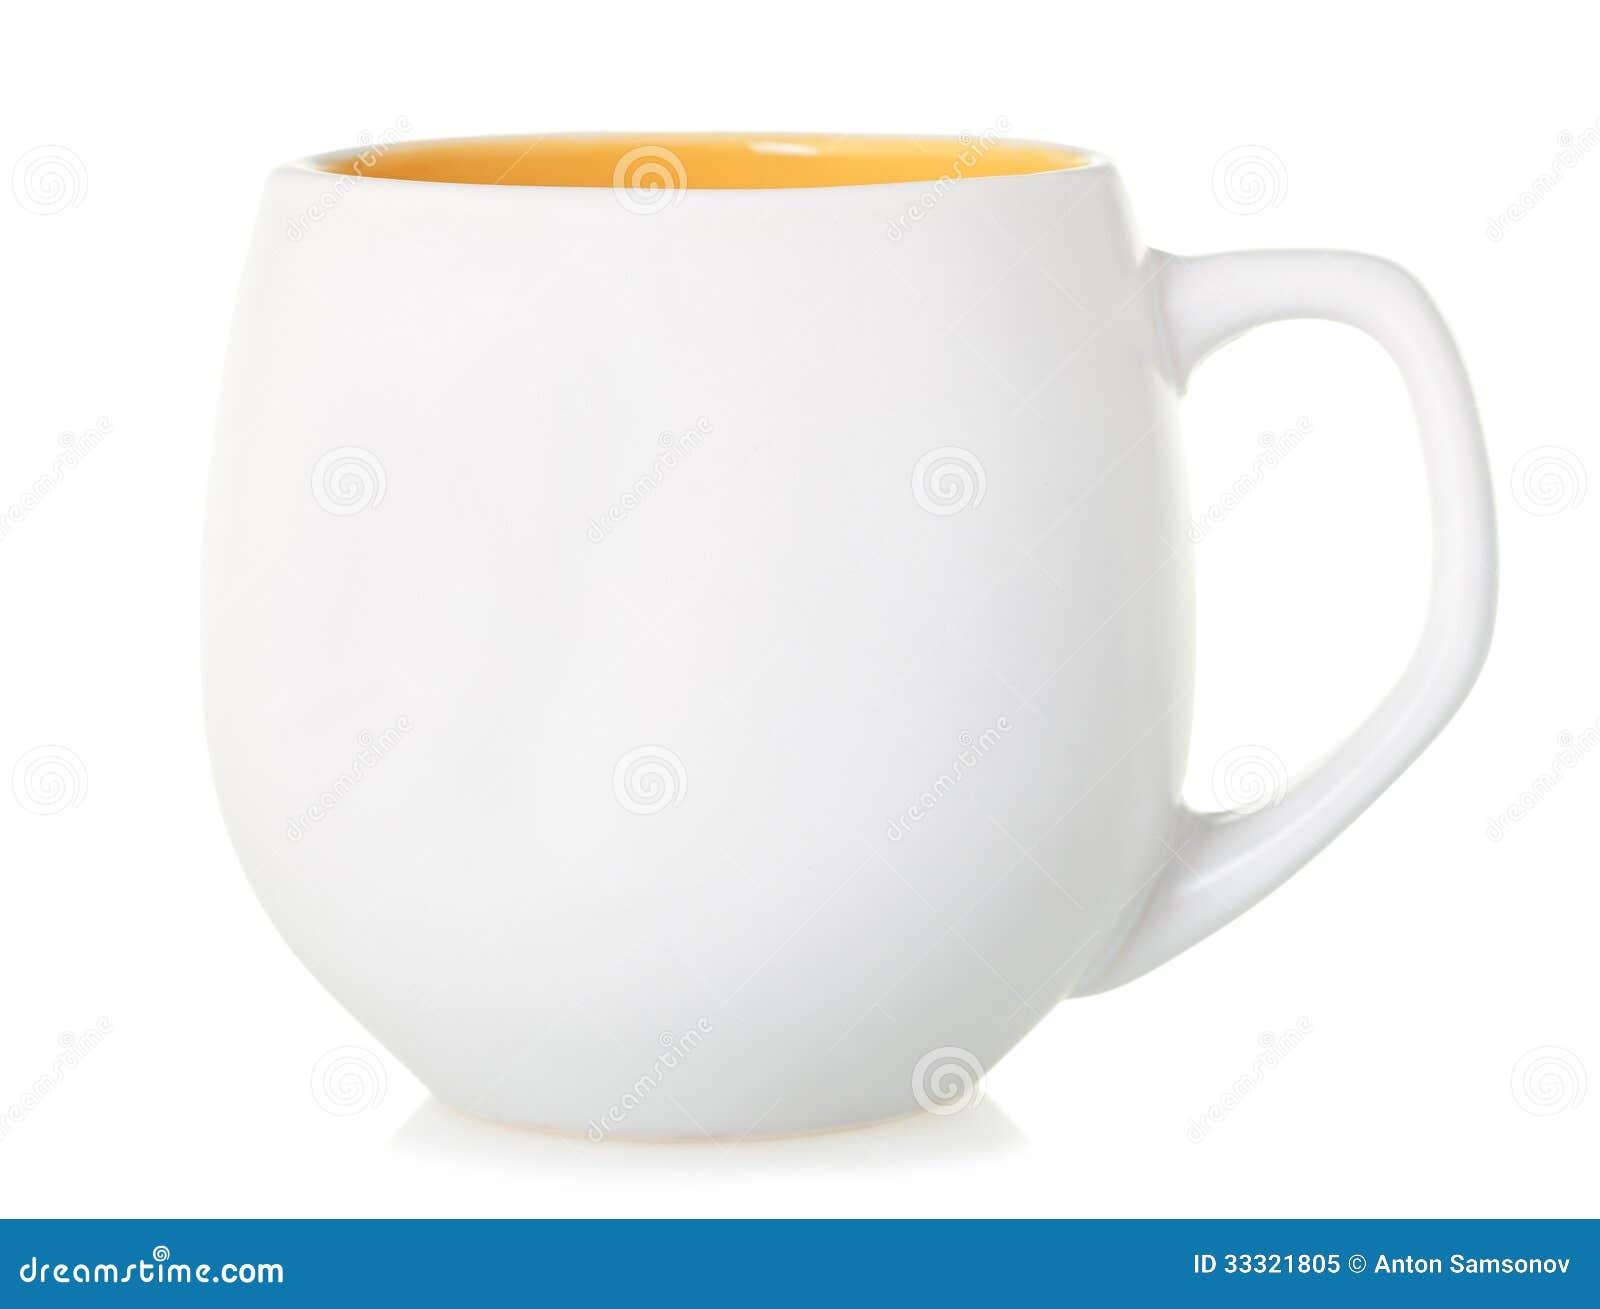 有一个黄色底部的白色杯子在白色背景,被隔绝.